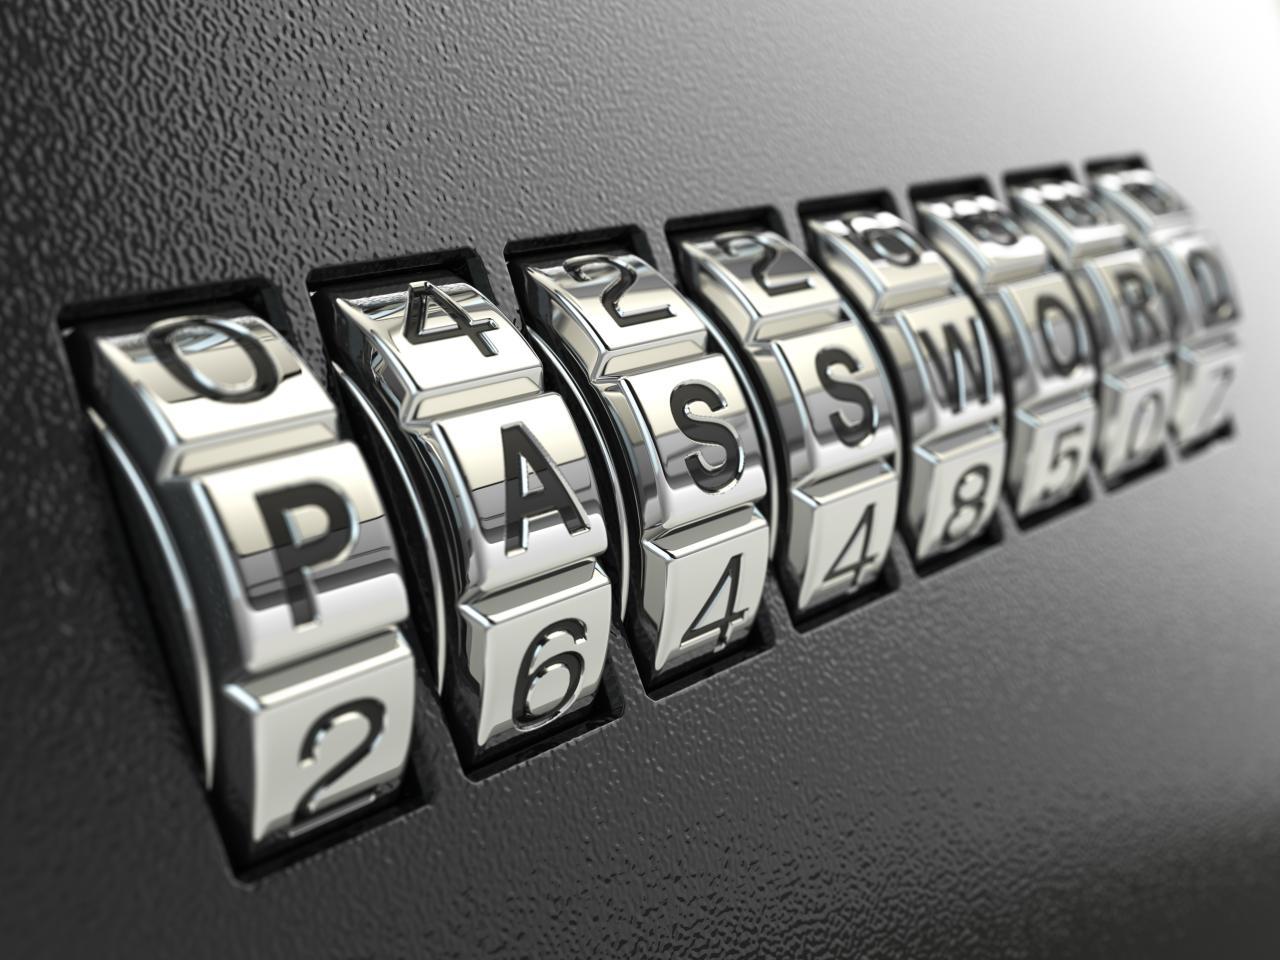 Как правильно хранить пароли